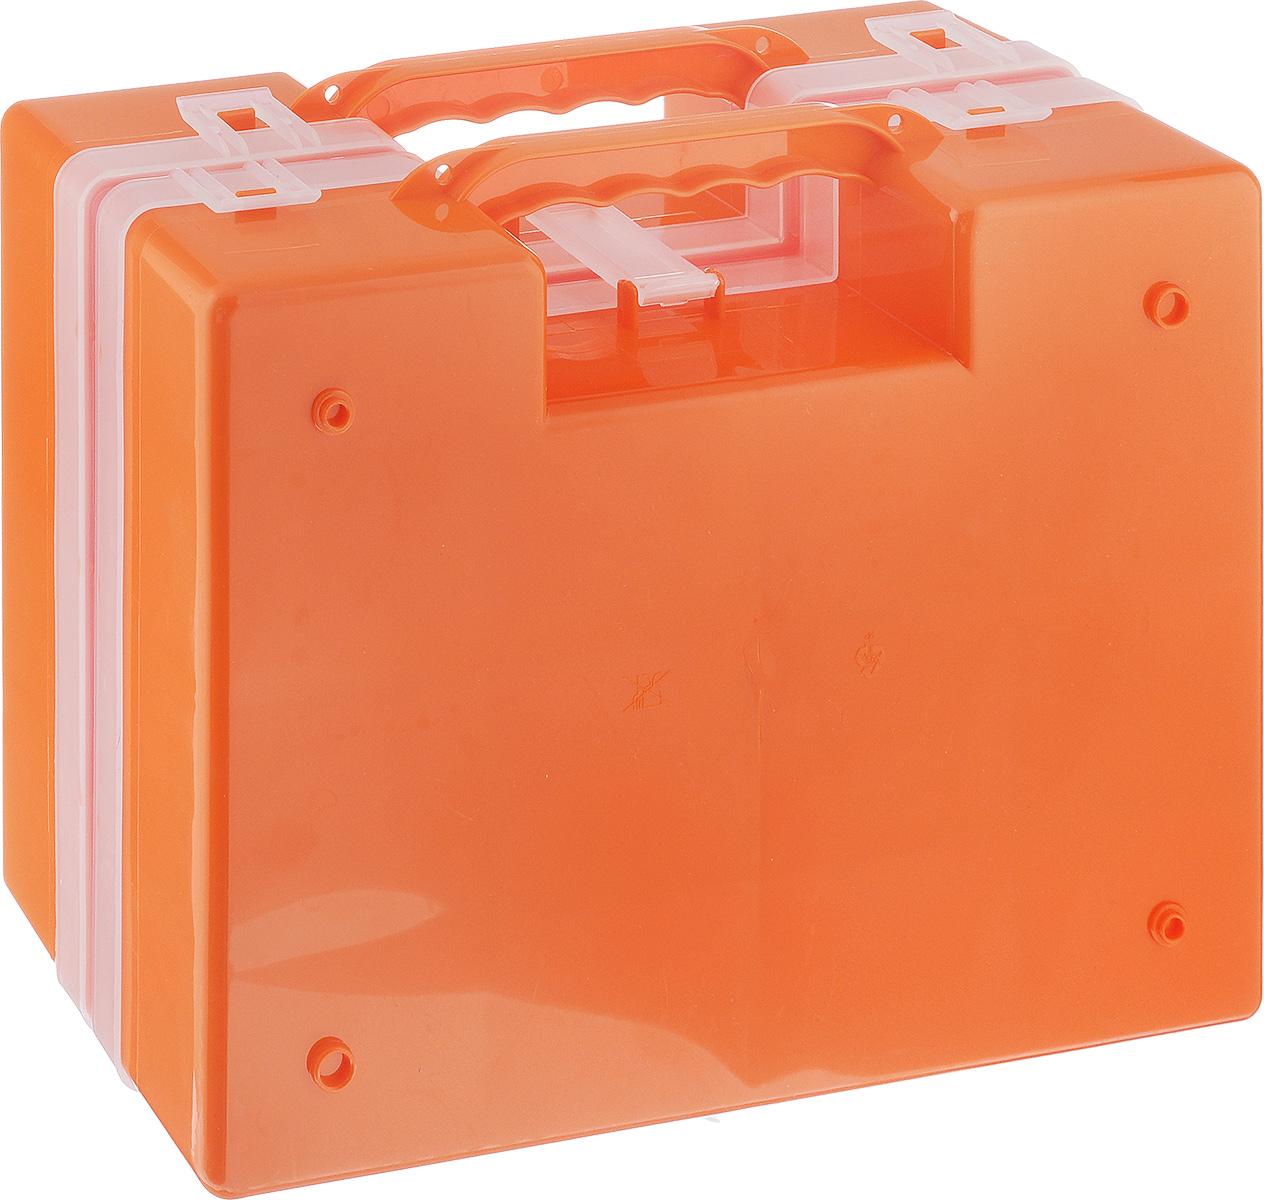 Органайзер Idea, двойной, цвет: оранжевый, 27,2 х 21,7 х 10 смМ 2957_оранжевыйОрганайзер Idea изготовлен из высококачественного прочного пластика и предназначен для хранения и переноски инструментов. Состоит из 2-х органайзеров, прикрепленных друг к другу. Внутри каждого - 14 прямоугольных секций разной формы.Органайзеры надежно закрываются при помощи пластмассовых защелок. Крышки выполнены из прозрачного пластика, что позволяет видеть содержимое.Благодаря специальным крепежам оба органайзера надежно соединены друг с другом.Размеры секций:24 секции Размер: 6,6 см х 5,3 см х 4,7 см;4 секции Размер: 8,1 см х 3,3 см х 4,7 см.